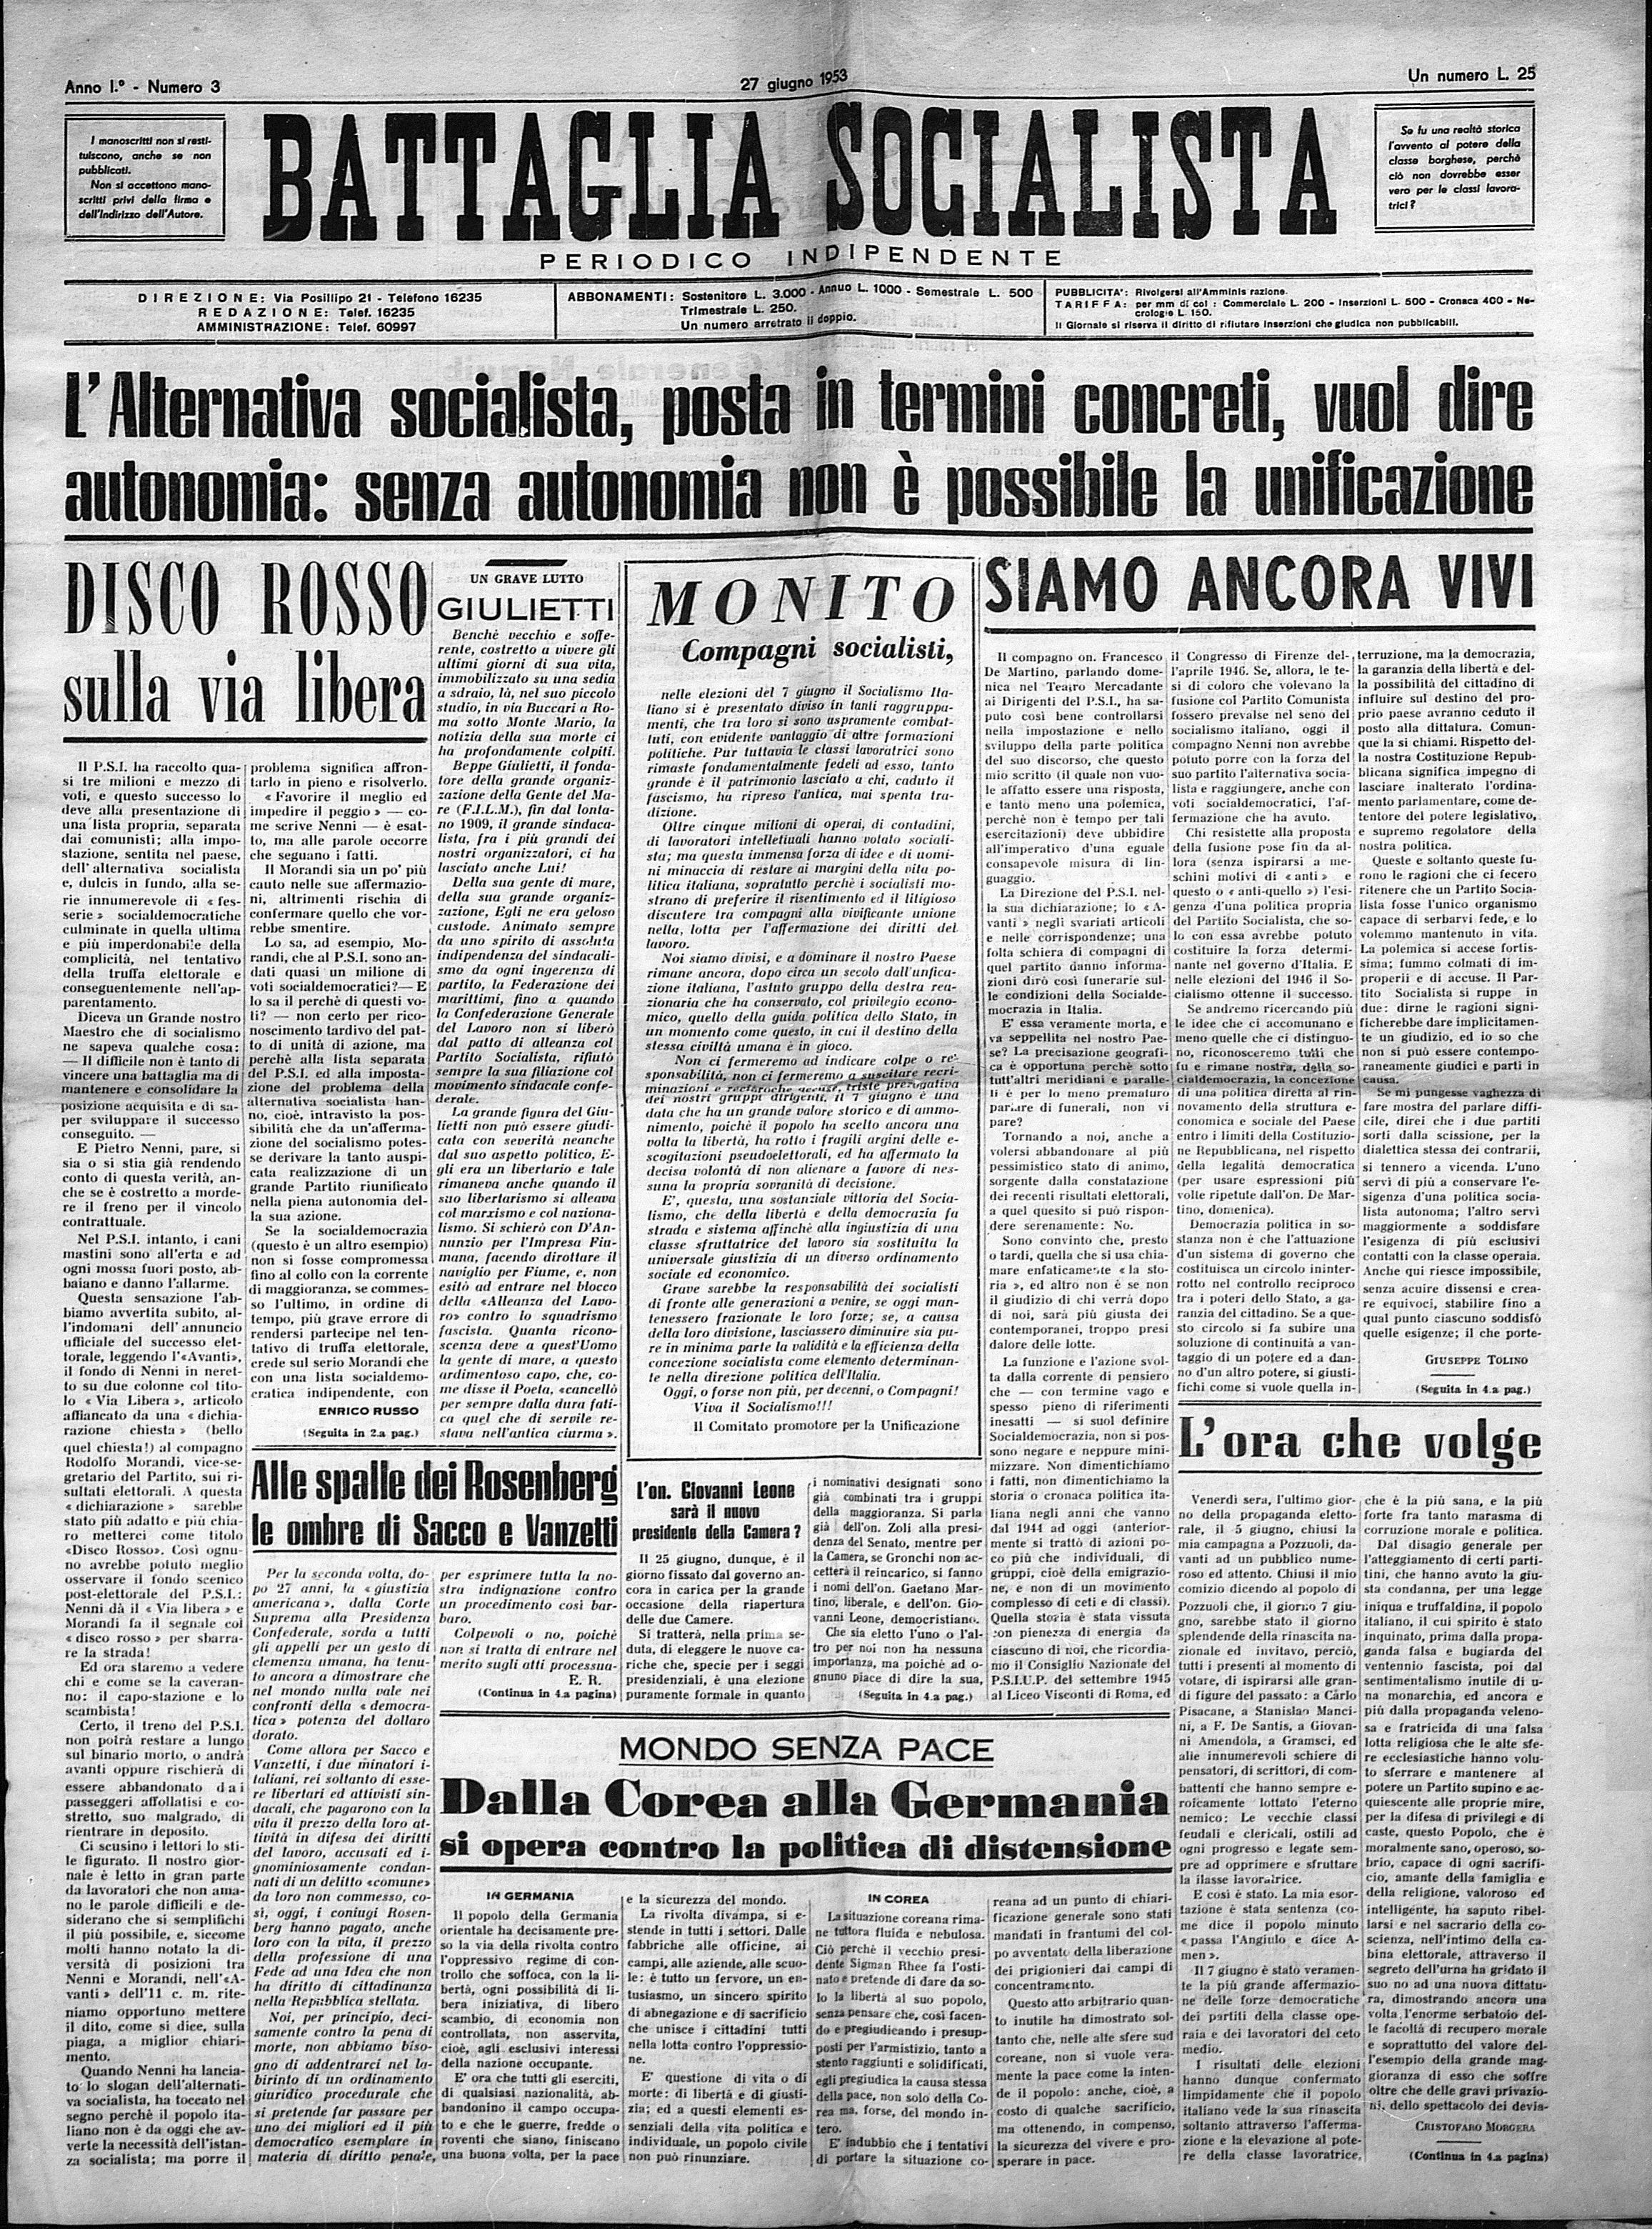 Battaglia Socialista n. 3 giugno 1953 - pag. 1